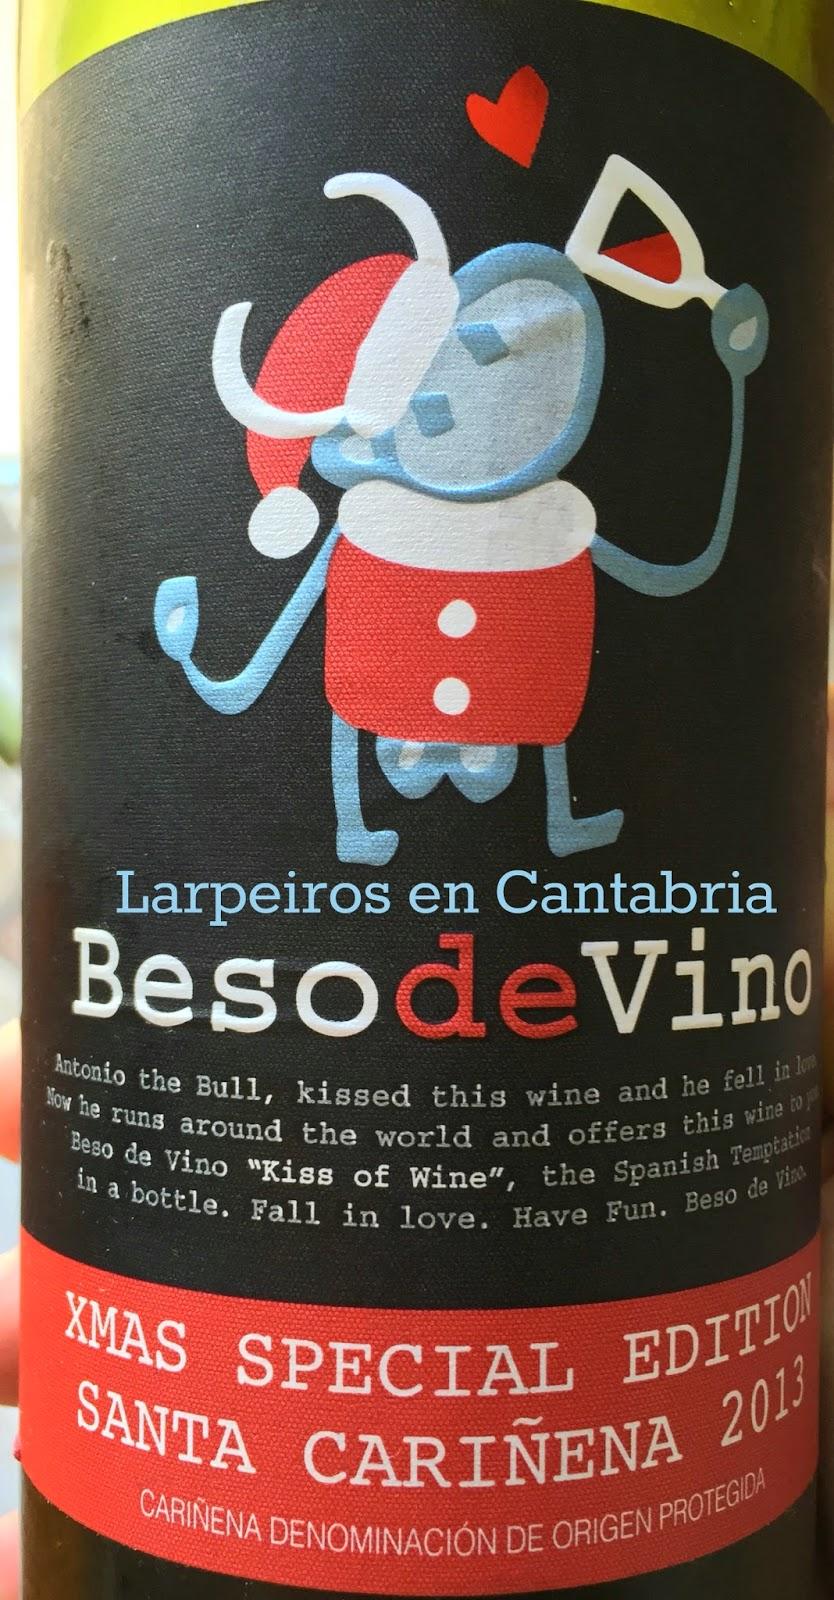 Vino Tinto Beso de Vino Xmas Special Edition Santa Cariñena 2013